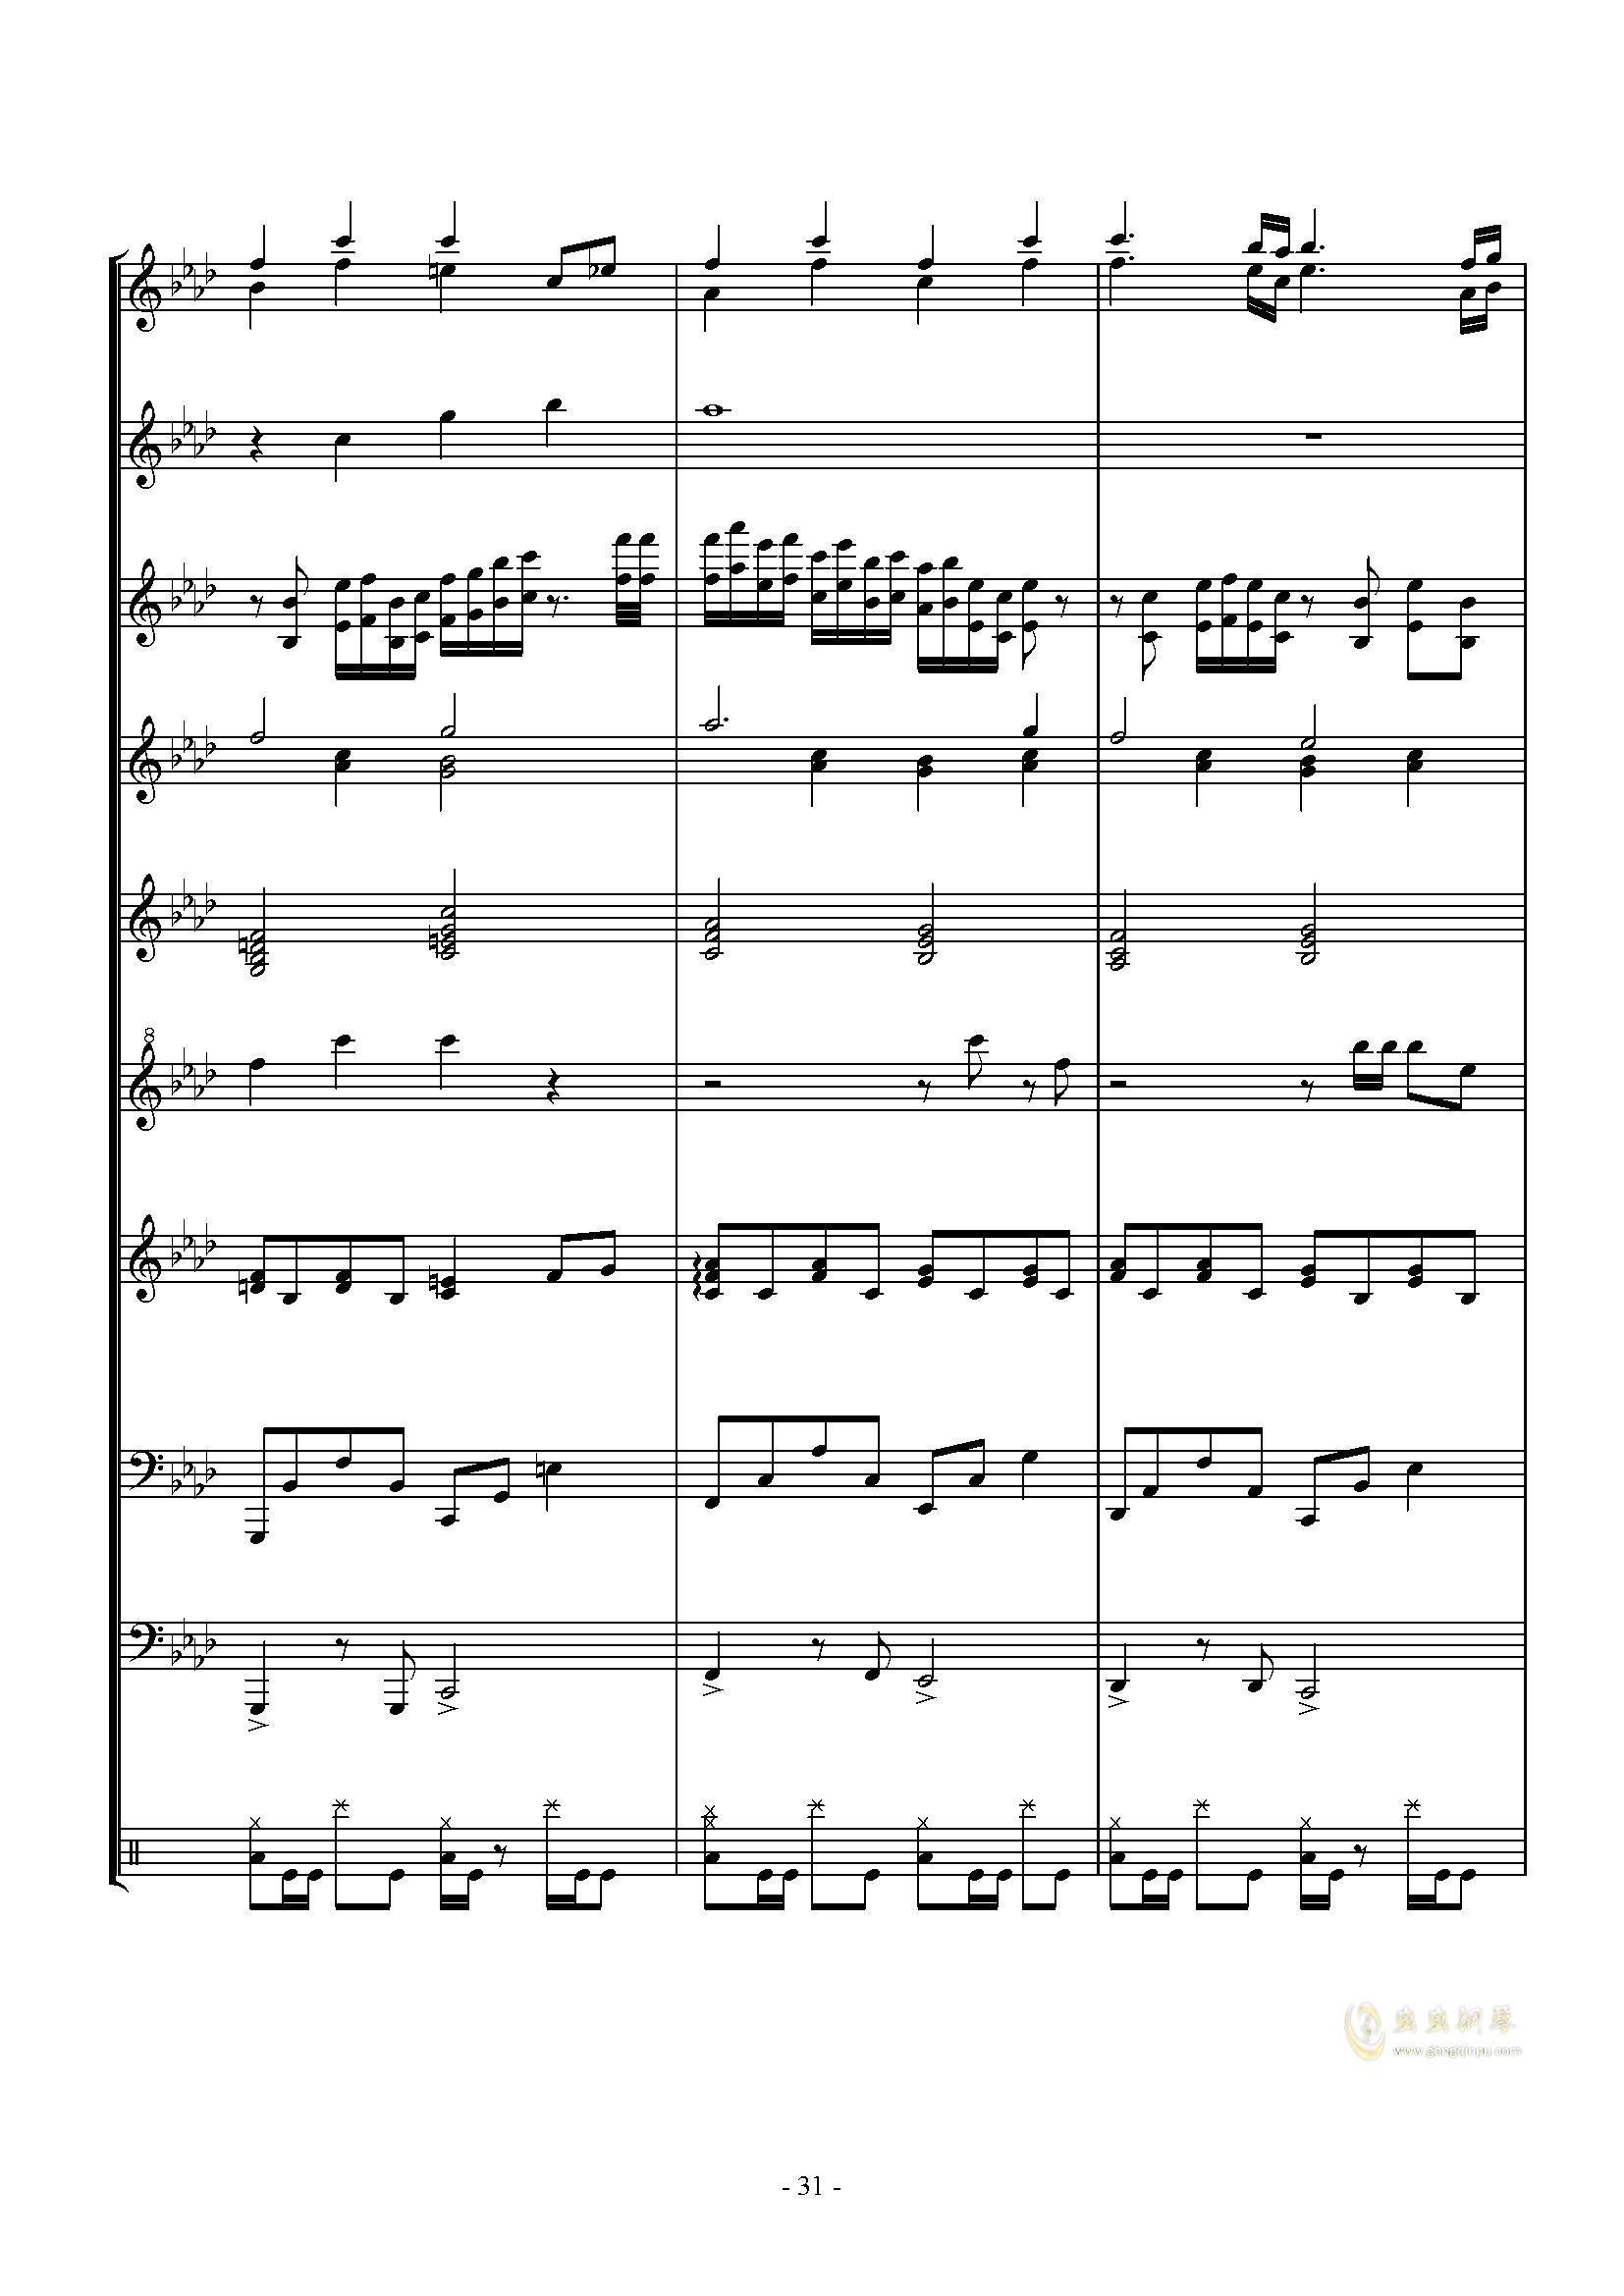 キミガタメ钢琴谱 第31页